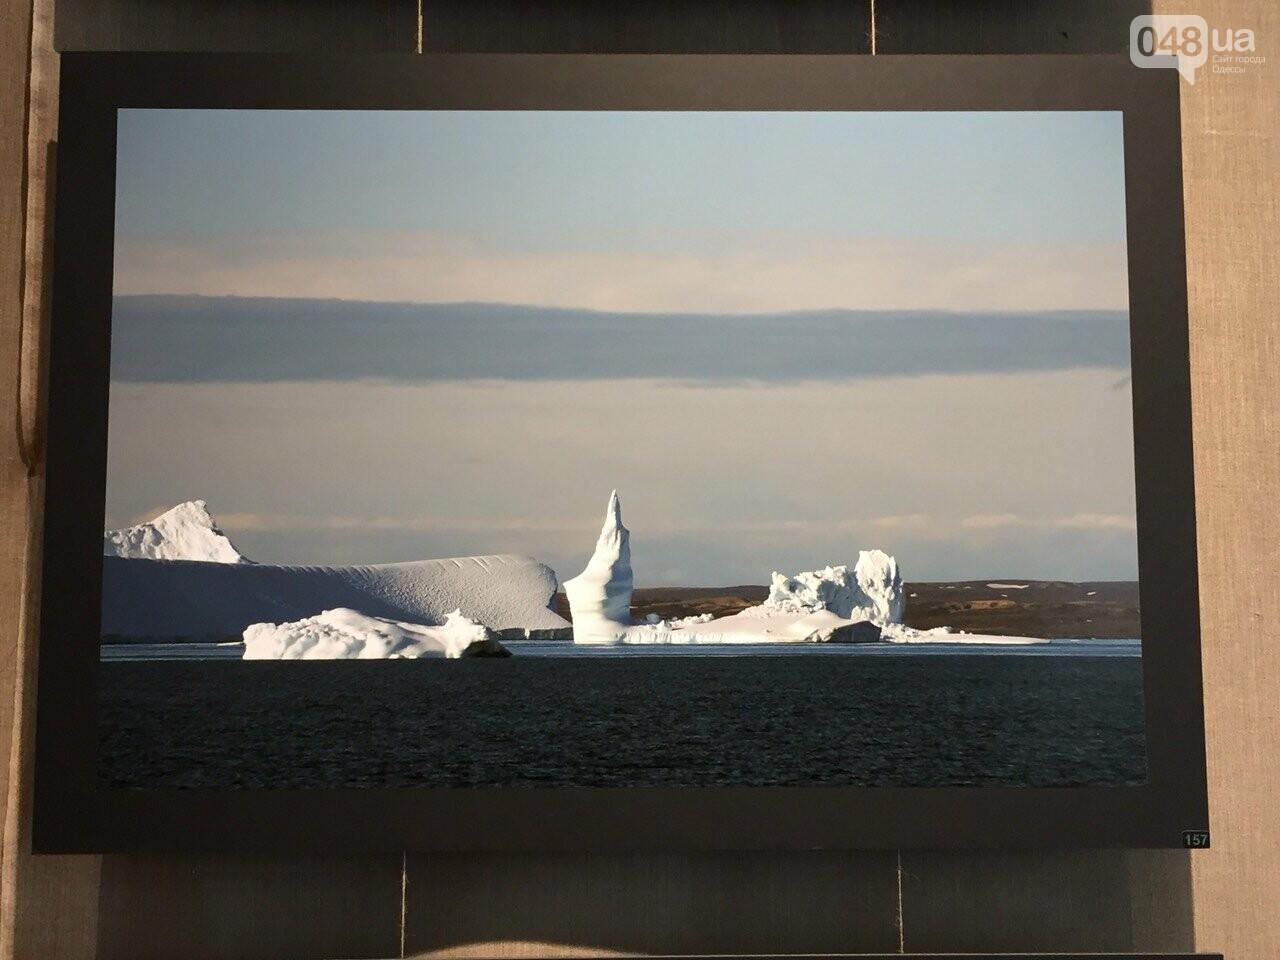 Арктическая сага: На фотовыставке в Одессе можно помочь детям, - ФОТО, ВИДЕО, фото-12